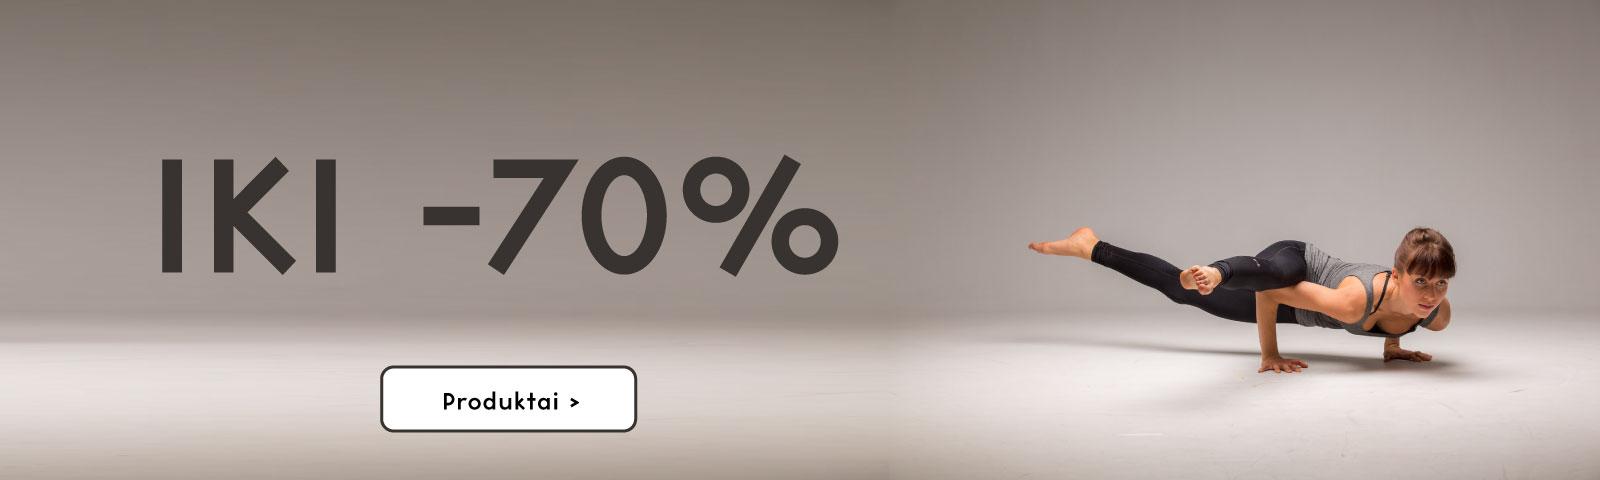 Iki -70%